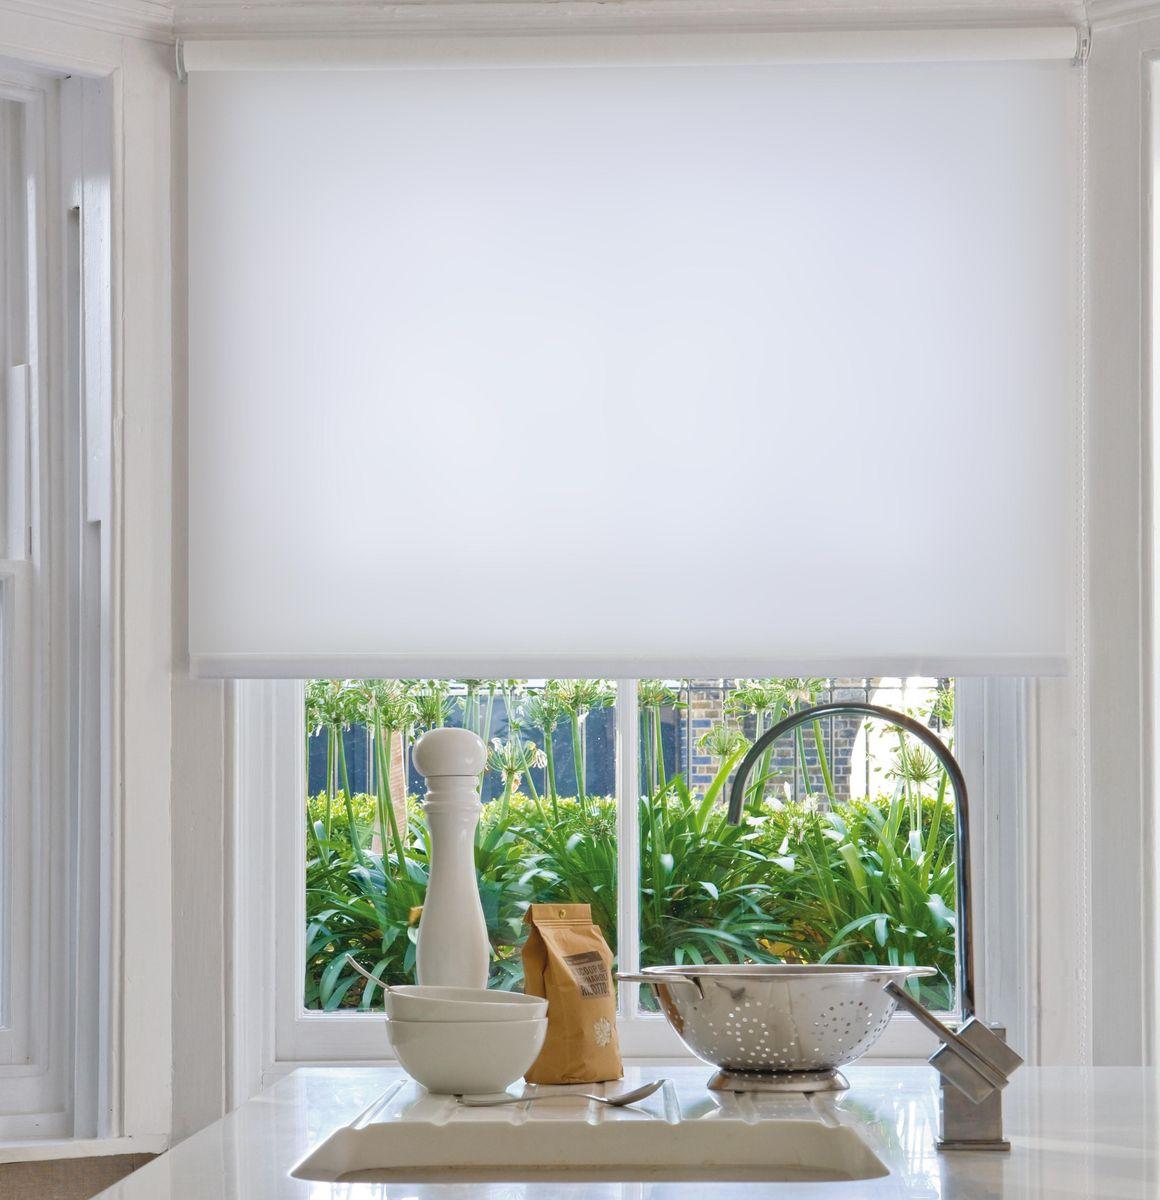 Штора рулонная Эскар Ролло. Однотонные, цвет: белый, ширина 60 см, высота 170 см8008060170Рулонными шторами можно оформлять окна как самостоятельно, так ииспользовать в комбинации с портьерами. Это поможет предотвратитьвыгорание дорогой ткани на солнце и соединит функционал рулонных скрасотой навесных. Преимущества применения рулонных штор для пластиковых окон: - имеют прекрасный внешний вид: многообразие и фактурность материалаизделия отлично смотрятся в любом интерьере;- многофункциональны: есть возможность подобрать шторы способныеэффективно защитить комнату от солнца, при этом о на не будет слишкомтемной.- Есть возможность осуществить быстрый монтаж. ВНИМАНИЕ! Размеры ширины изделия указаны по ширине ткани! Во время эксплуатации не рекомендуется полностью разматывать рулон, чтобыне оторвать ткань от намоточного вала. В случае загрязнения поверхности ткани, чистку шторы проводят одним изспособов, в зависимости от типа загрязнения:легкое поверхностное загрязнение можно удалить при помощи канцелярскоголастика;чистка от пыли производится сухим методом при помощи пылесоса с мягкойщеткой-насадкой;для удаления пятна используйте мягкую губку с пенообразующим неагрессивныммоющим средством или пятновыводитель на натуральной основе (нельзяприменять растворители).